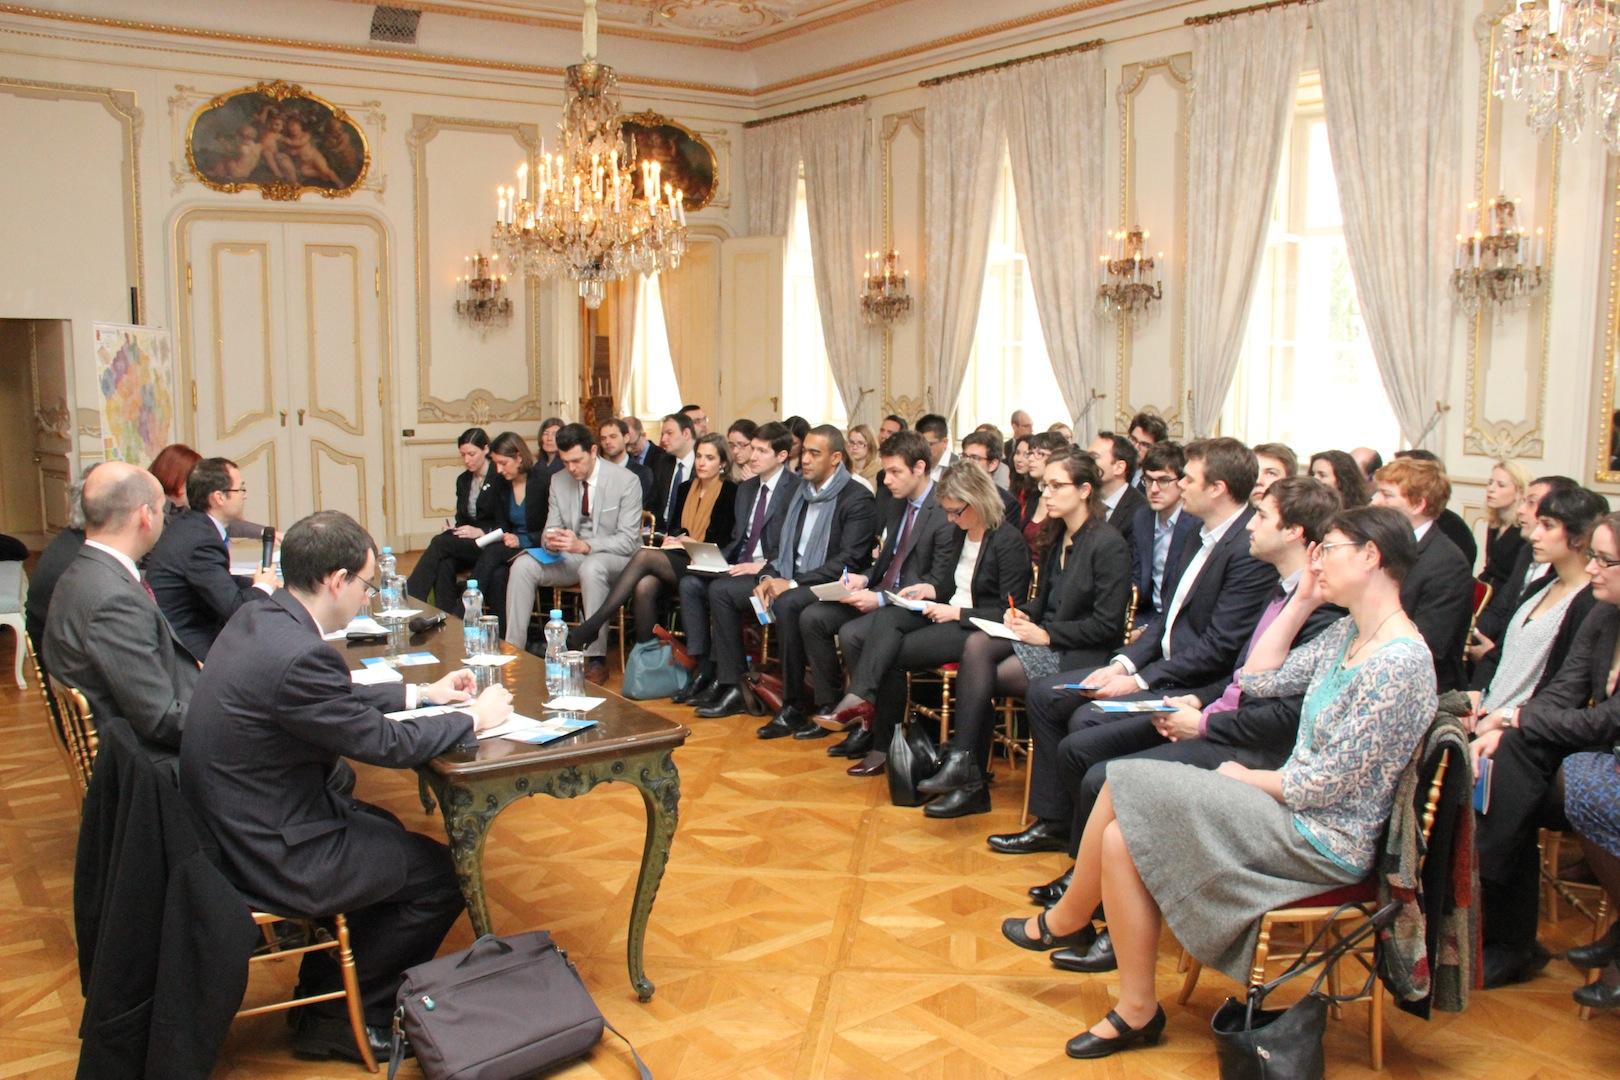 Retour sur la visite de la promo Vaclav Havel à l'ambassade de France en République Tchèque